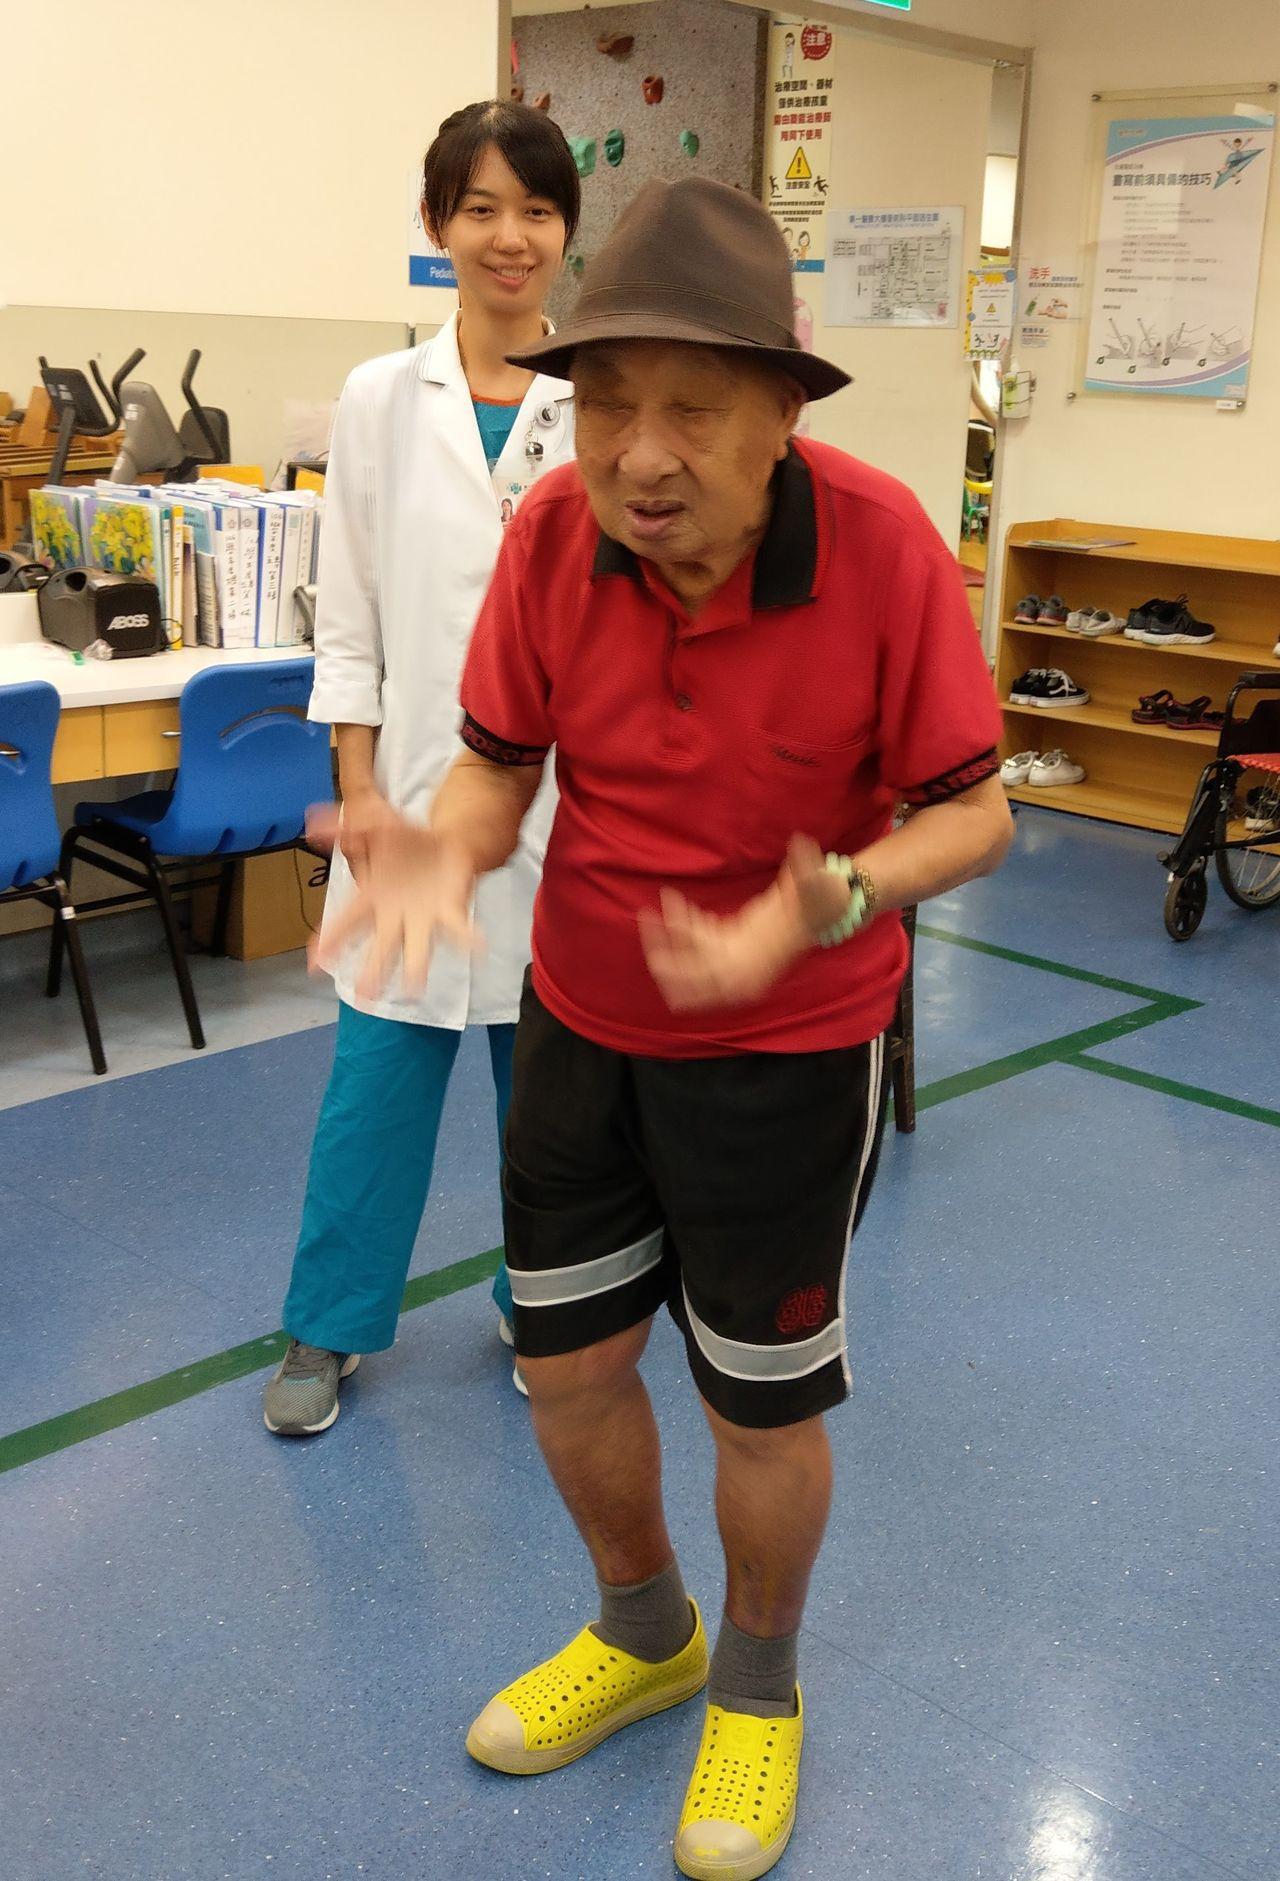 周懷春將軍(右)今天在台中榮總復健科歡度105歲生日,開心示範平時自創的手舞足蹈...